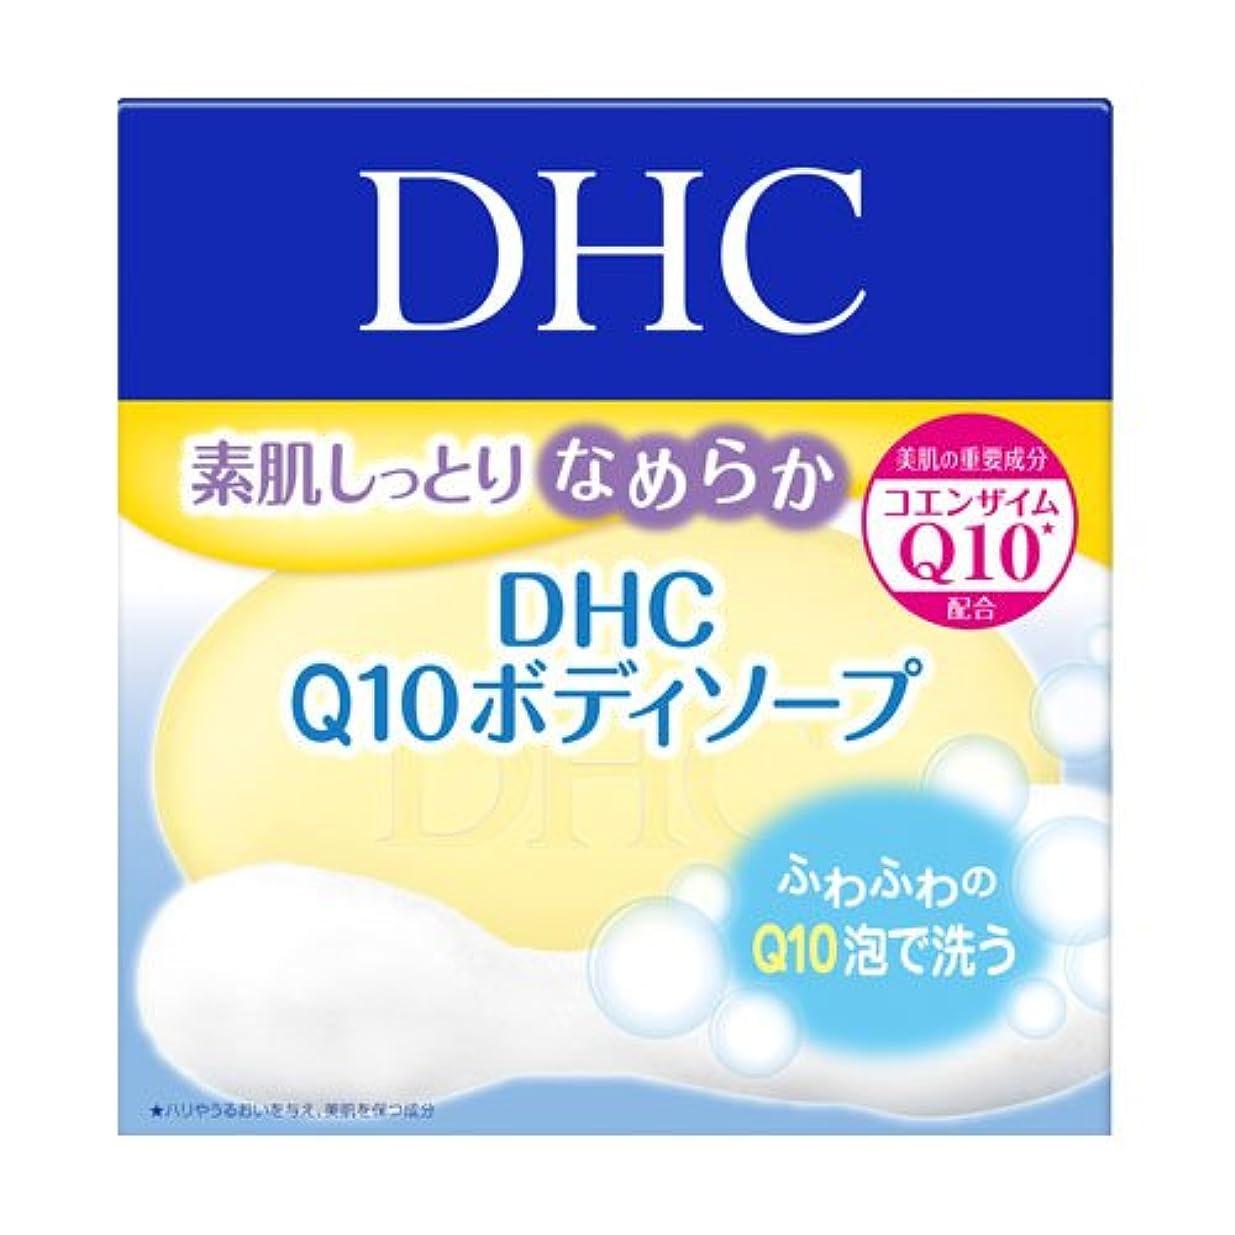 フレアファッションパーツDHC Q10ボディソープ SS 120G